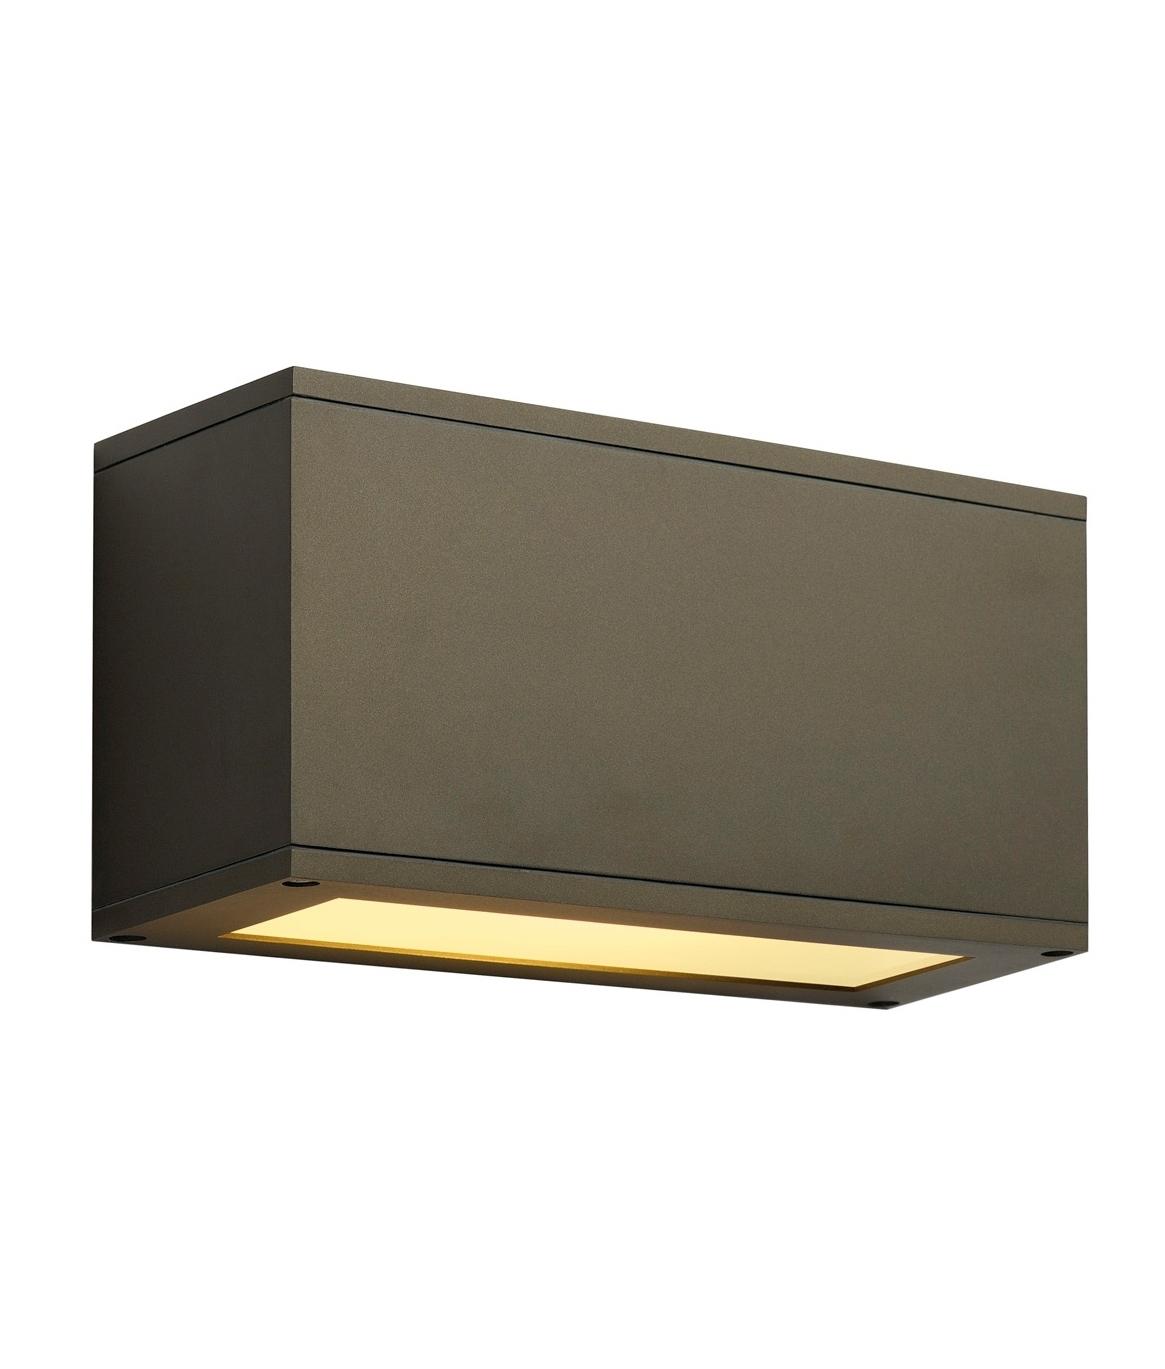 Rectangular Shape Up Amp Down Wall Light